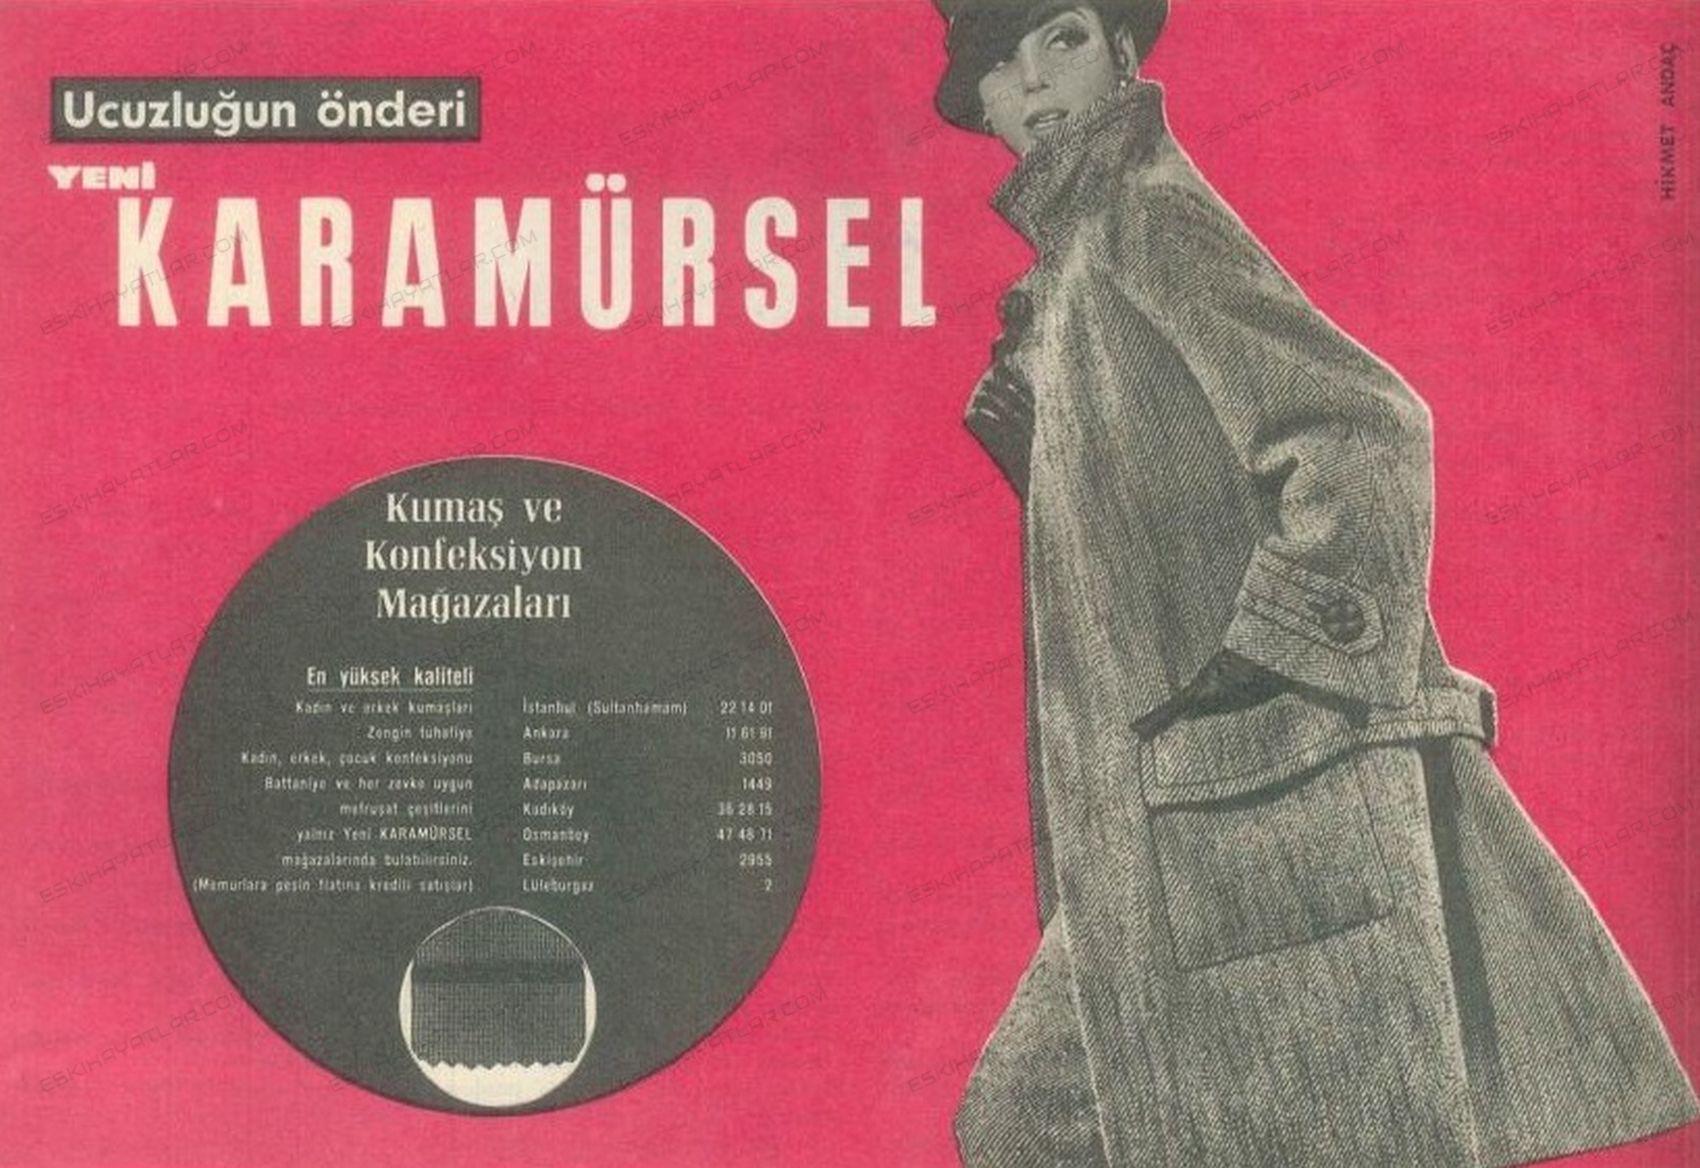 0344-ucuzlugun-onderi-yeni-karamursel-magazalari-1965-yilinda-kumas-ve-konfeksiyon-magazalari